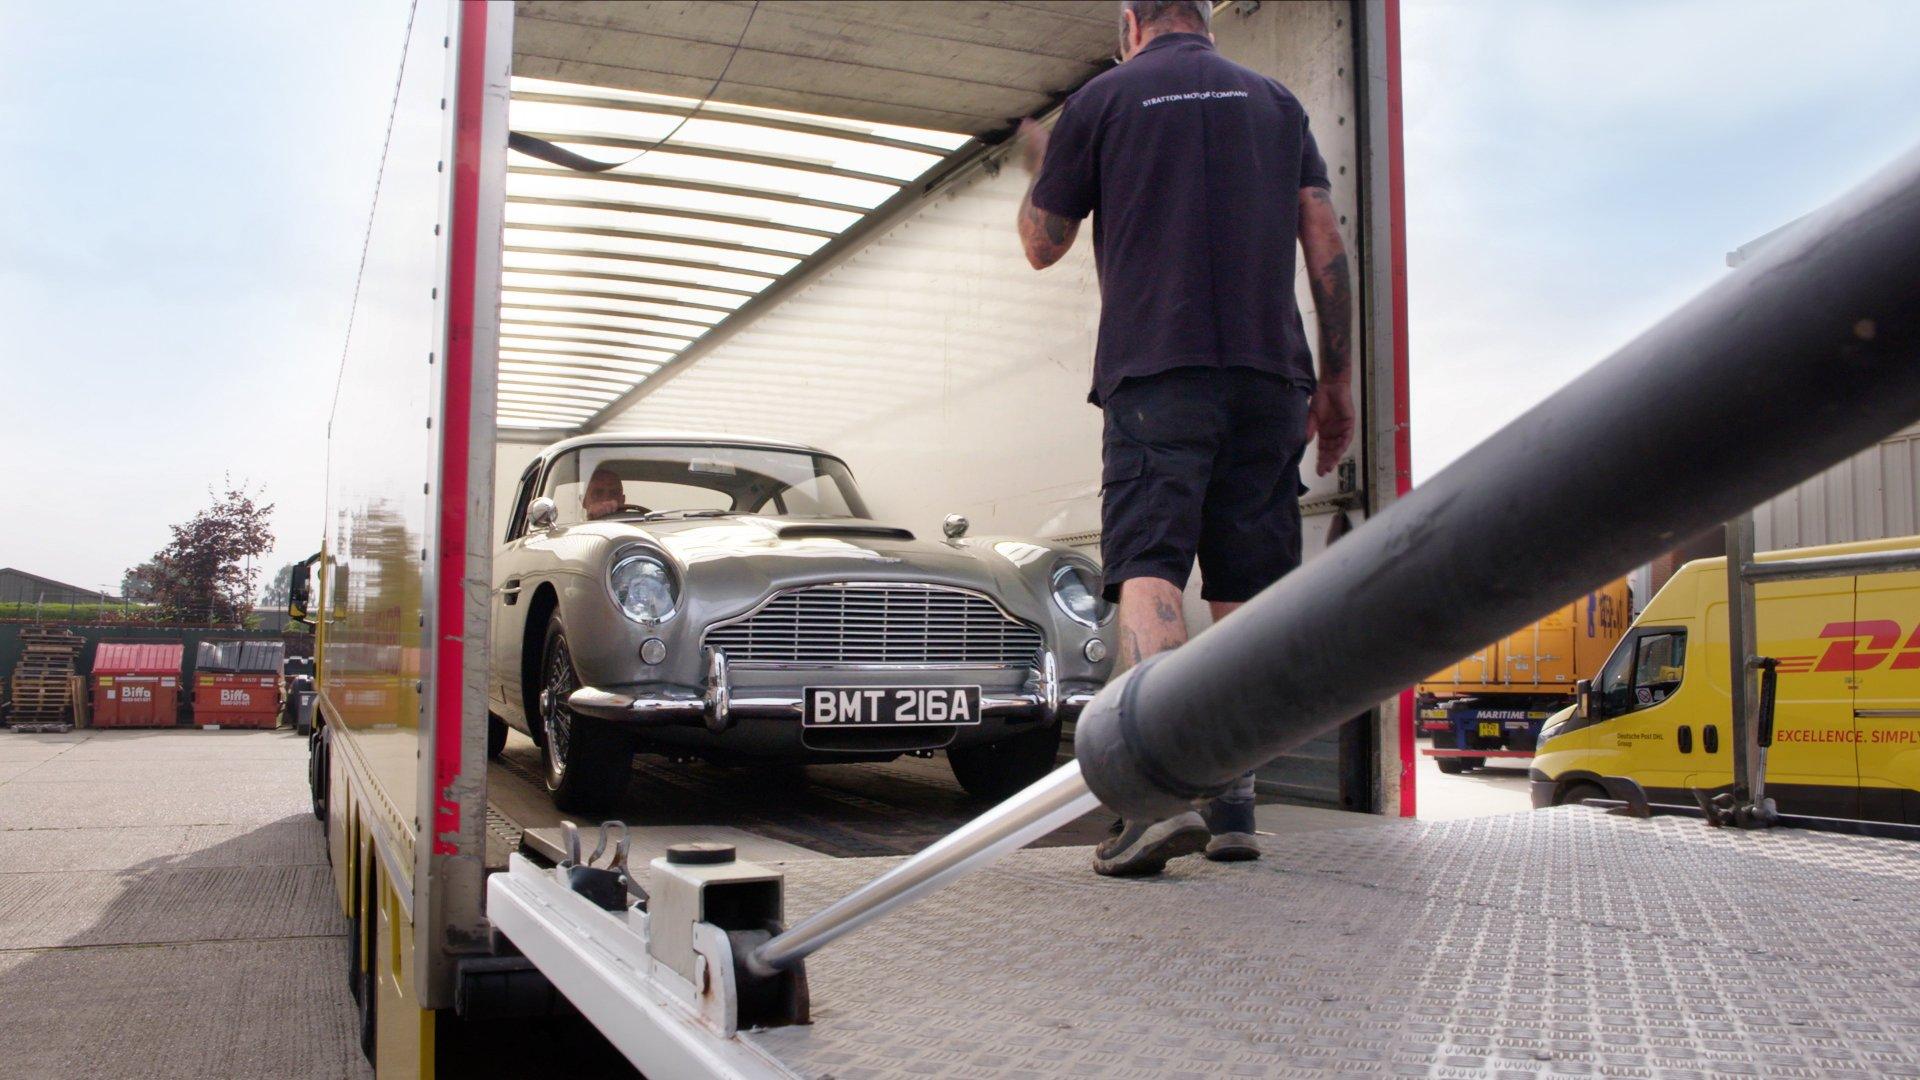 Как перевозили легендарные автомобили Джеймса Бонда: две были  с неисправным рулем, а одна вообще без колёс